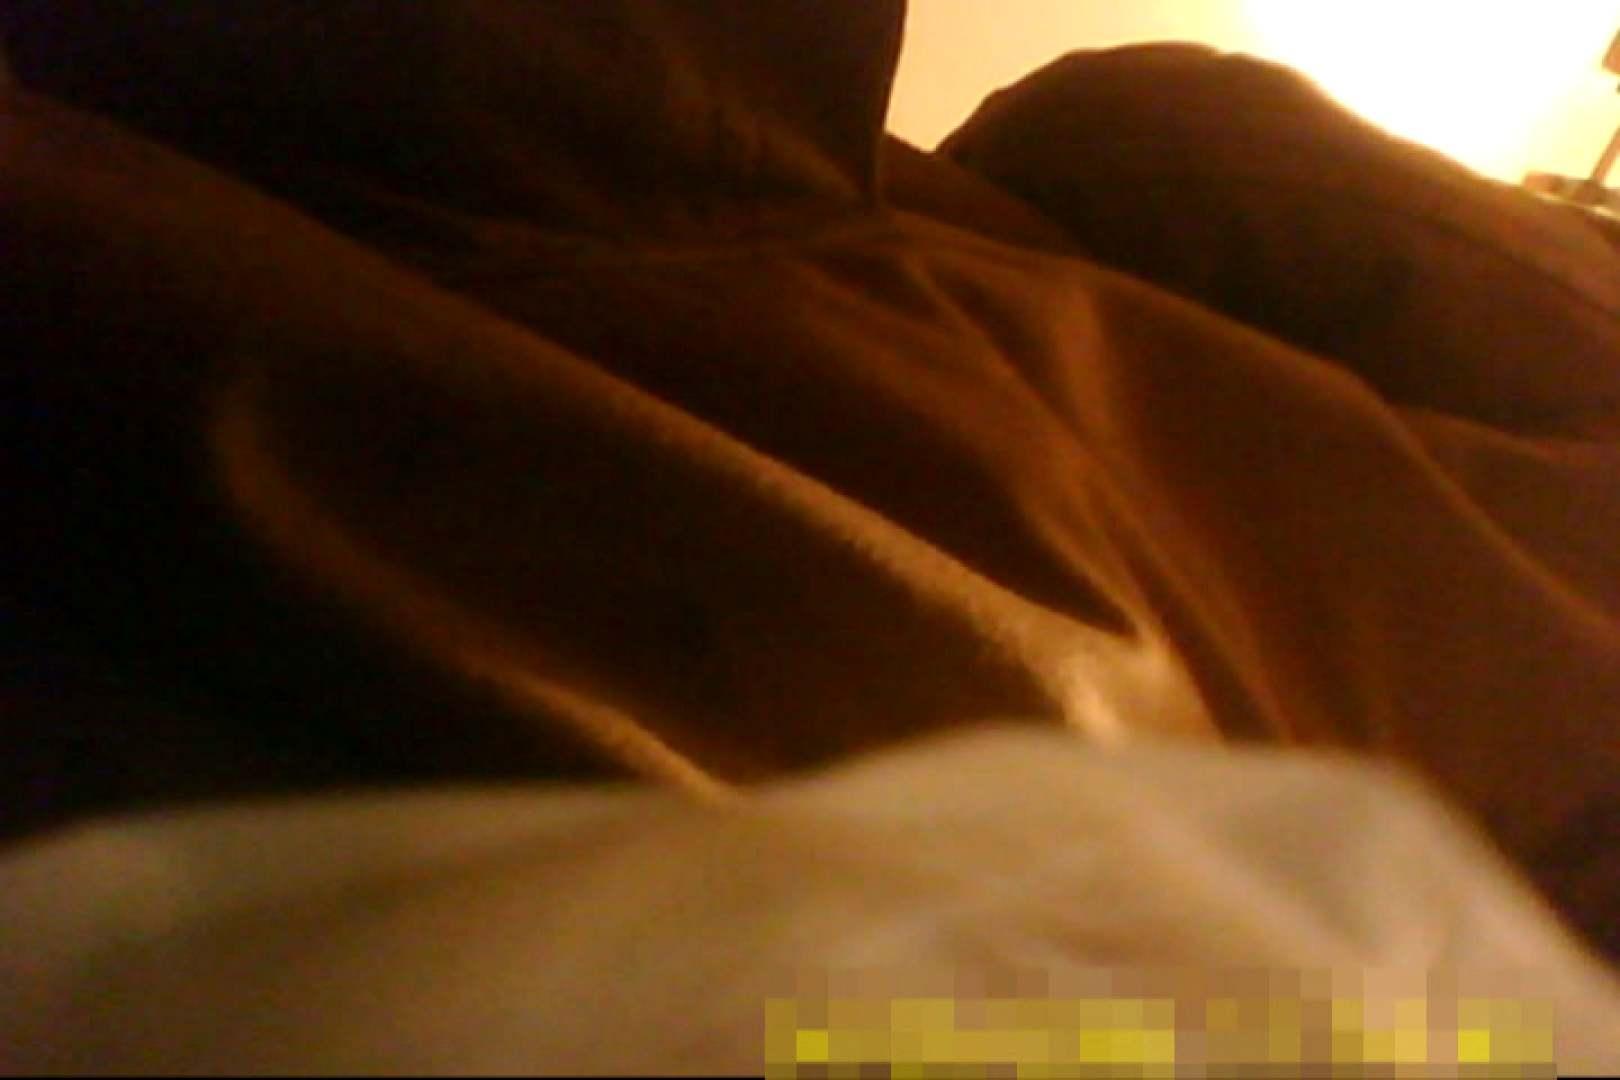 魅惑の化粧室~禁断のプライベート空間~vol.8 熟女 覗きおまんこ画像 89画像 74